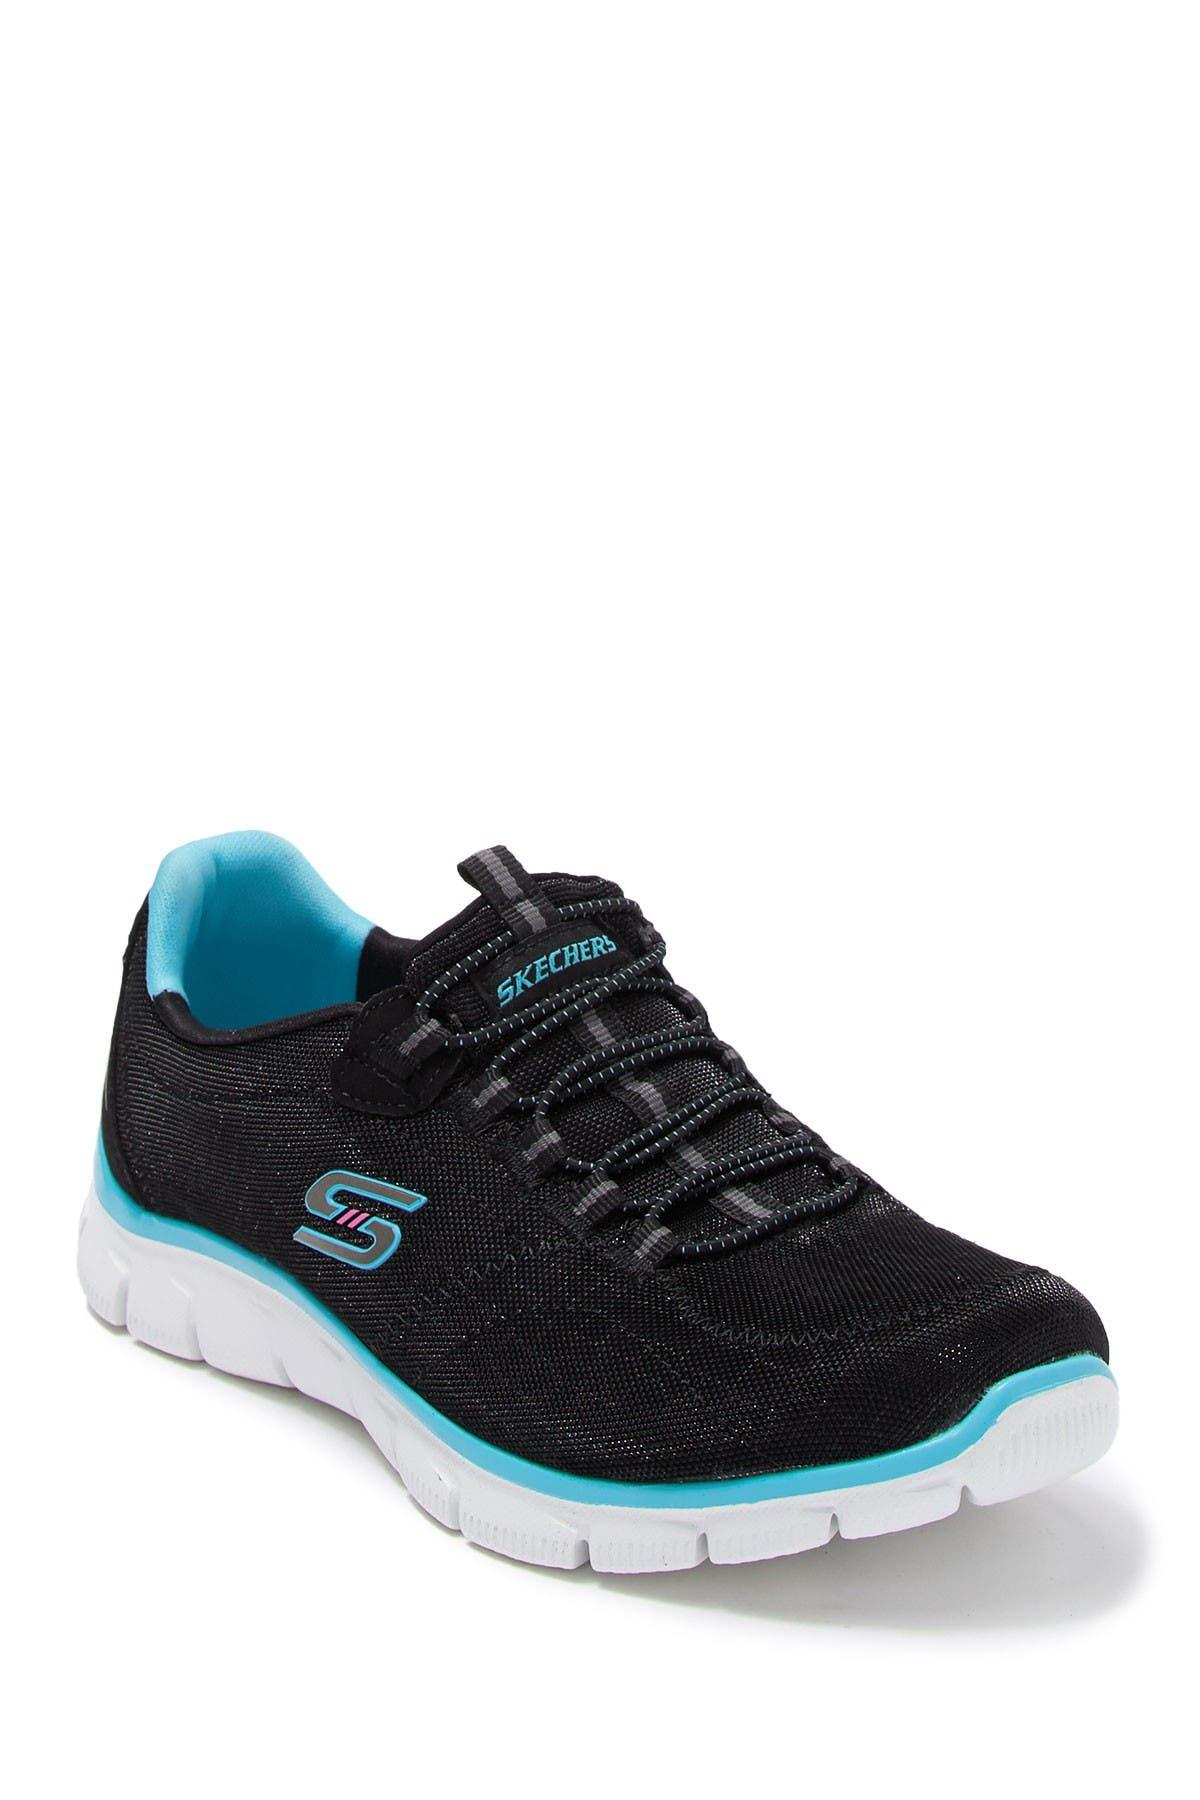 Skechers | Empire Slip On Sneaker